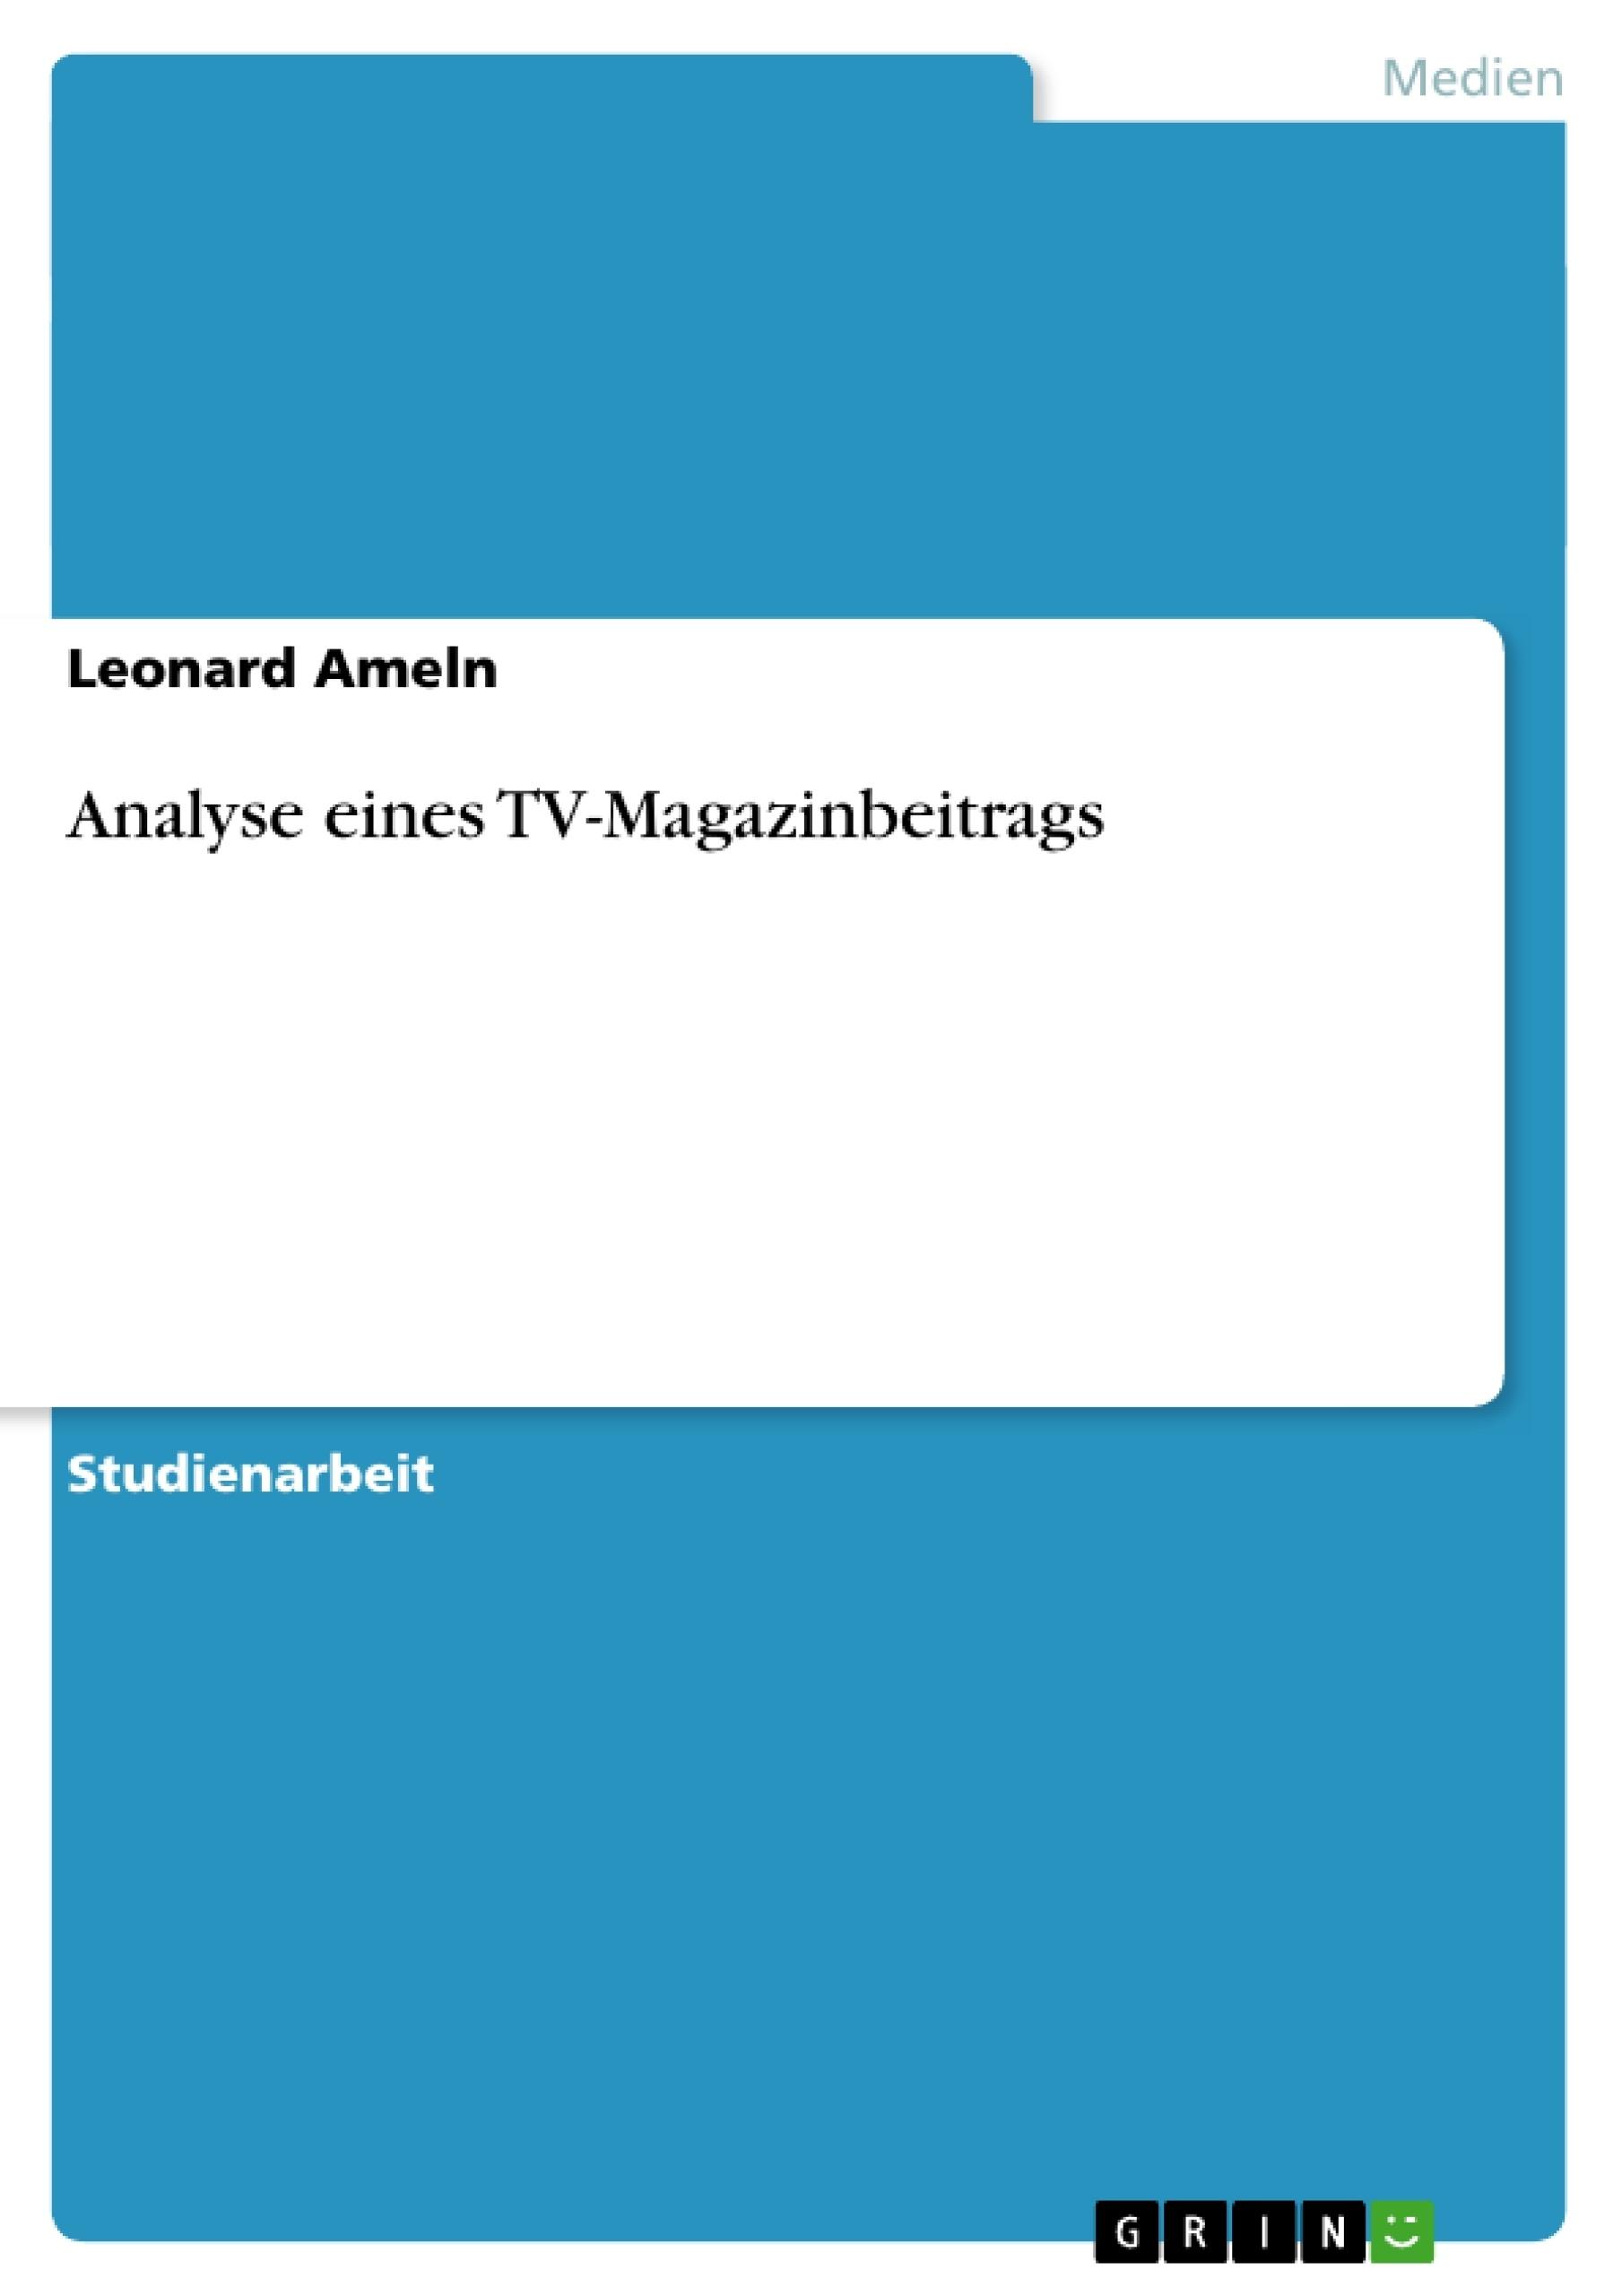 Titel: Analyse eines TV-Magazinbeitrags